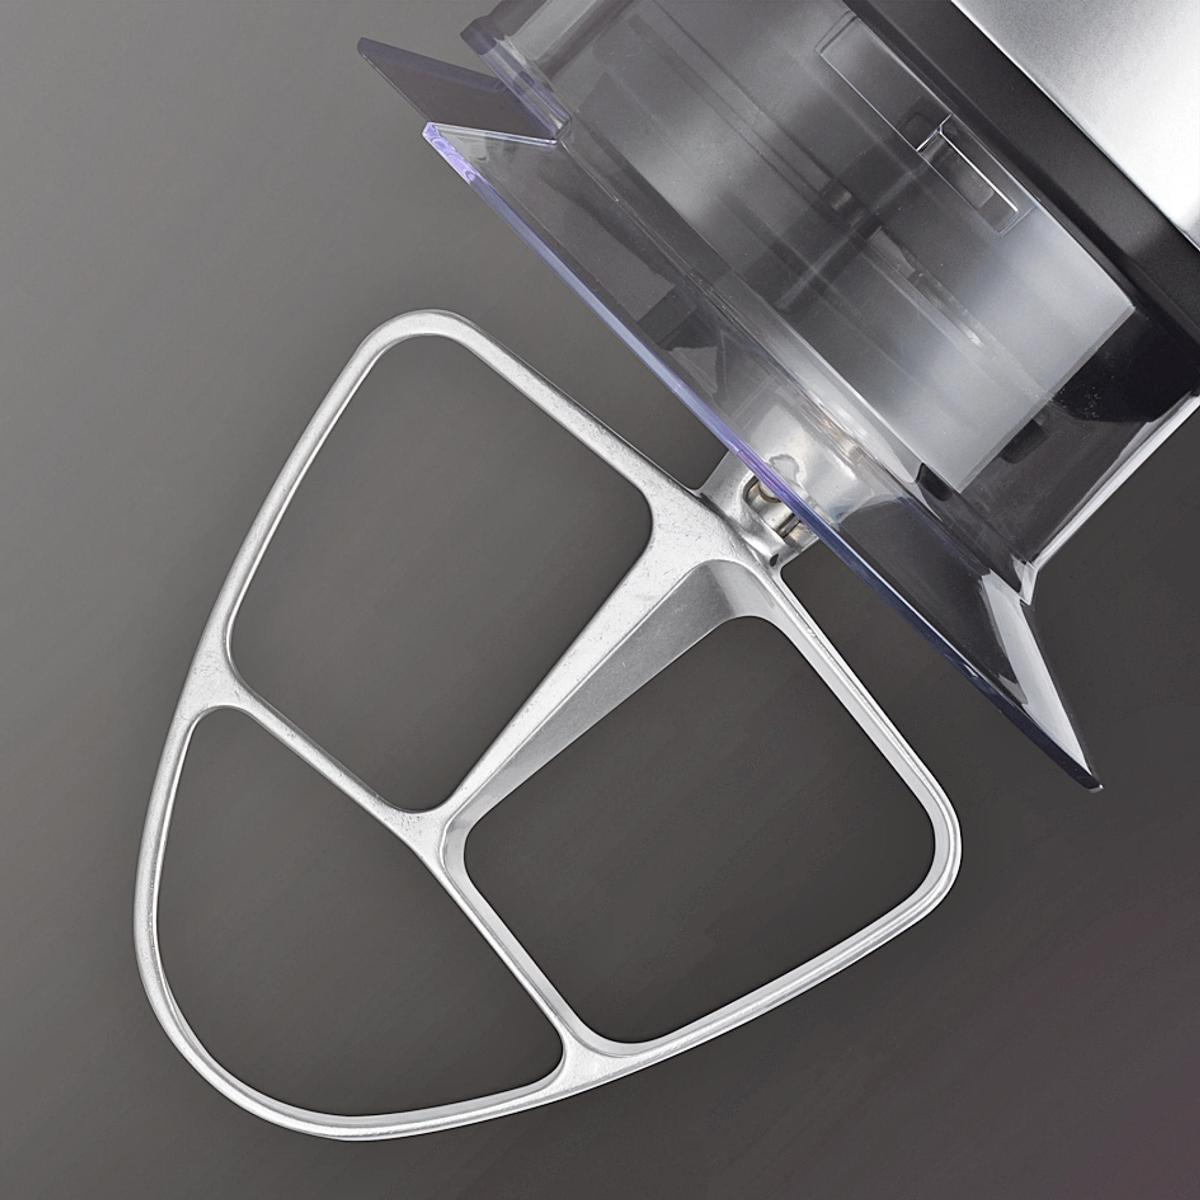 Krups perfect mix 9000 robot de cuisine 6 vitesses for Acheter des ustensiles de cuisine